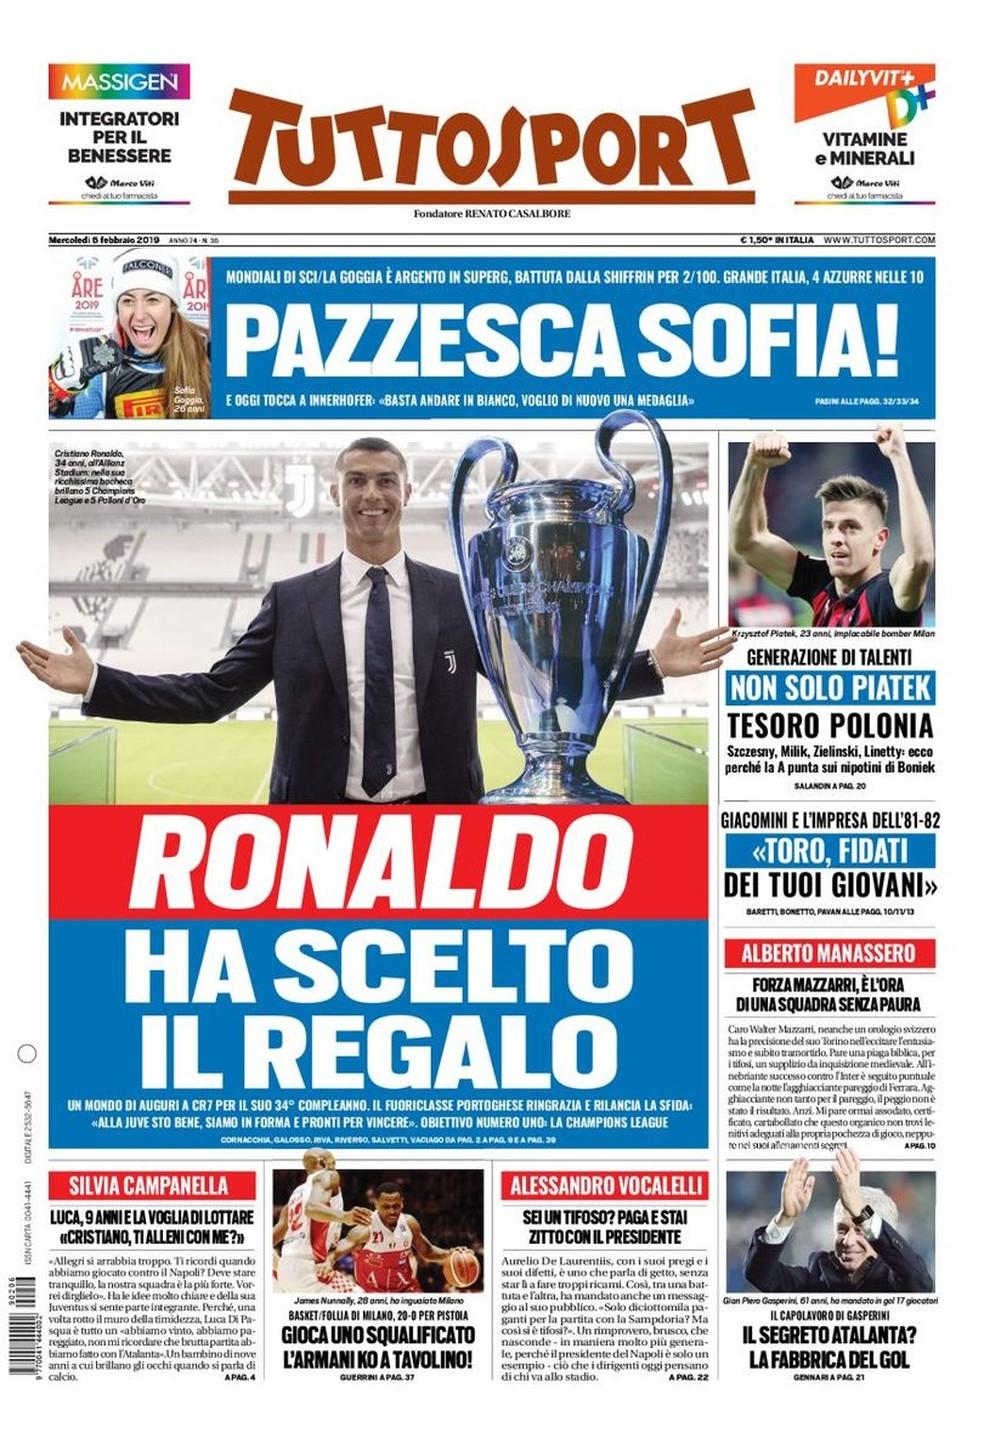 Capa do Tuttosport: Ronaldo escolheu o presente — Foto: Reprodução